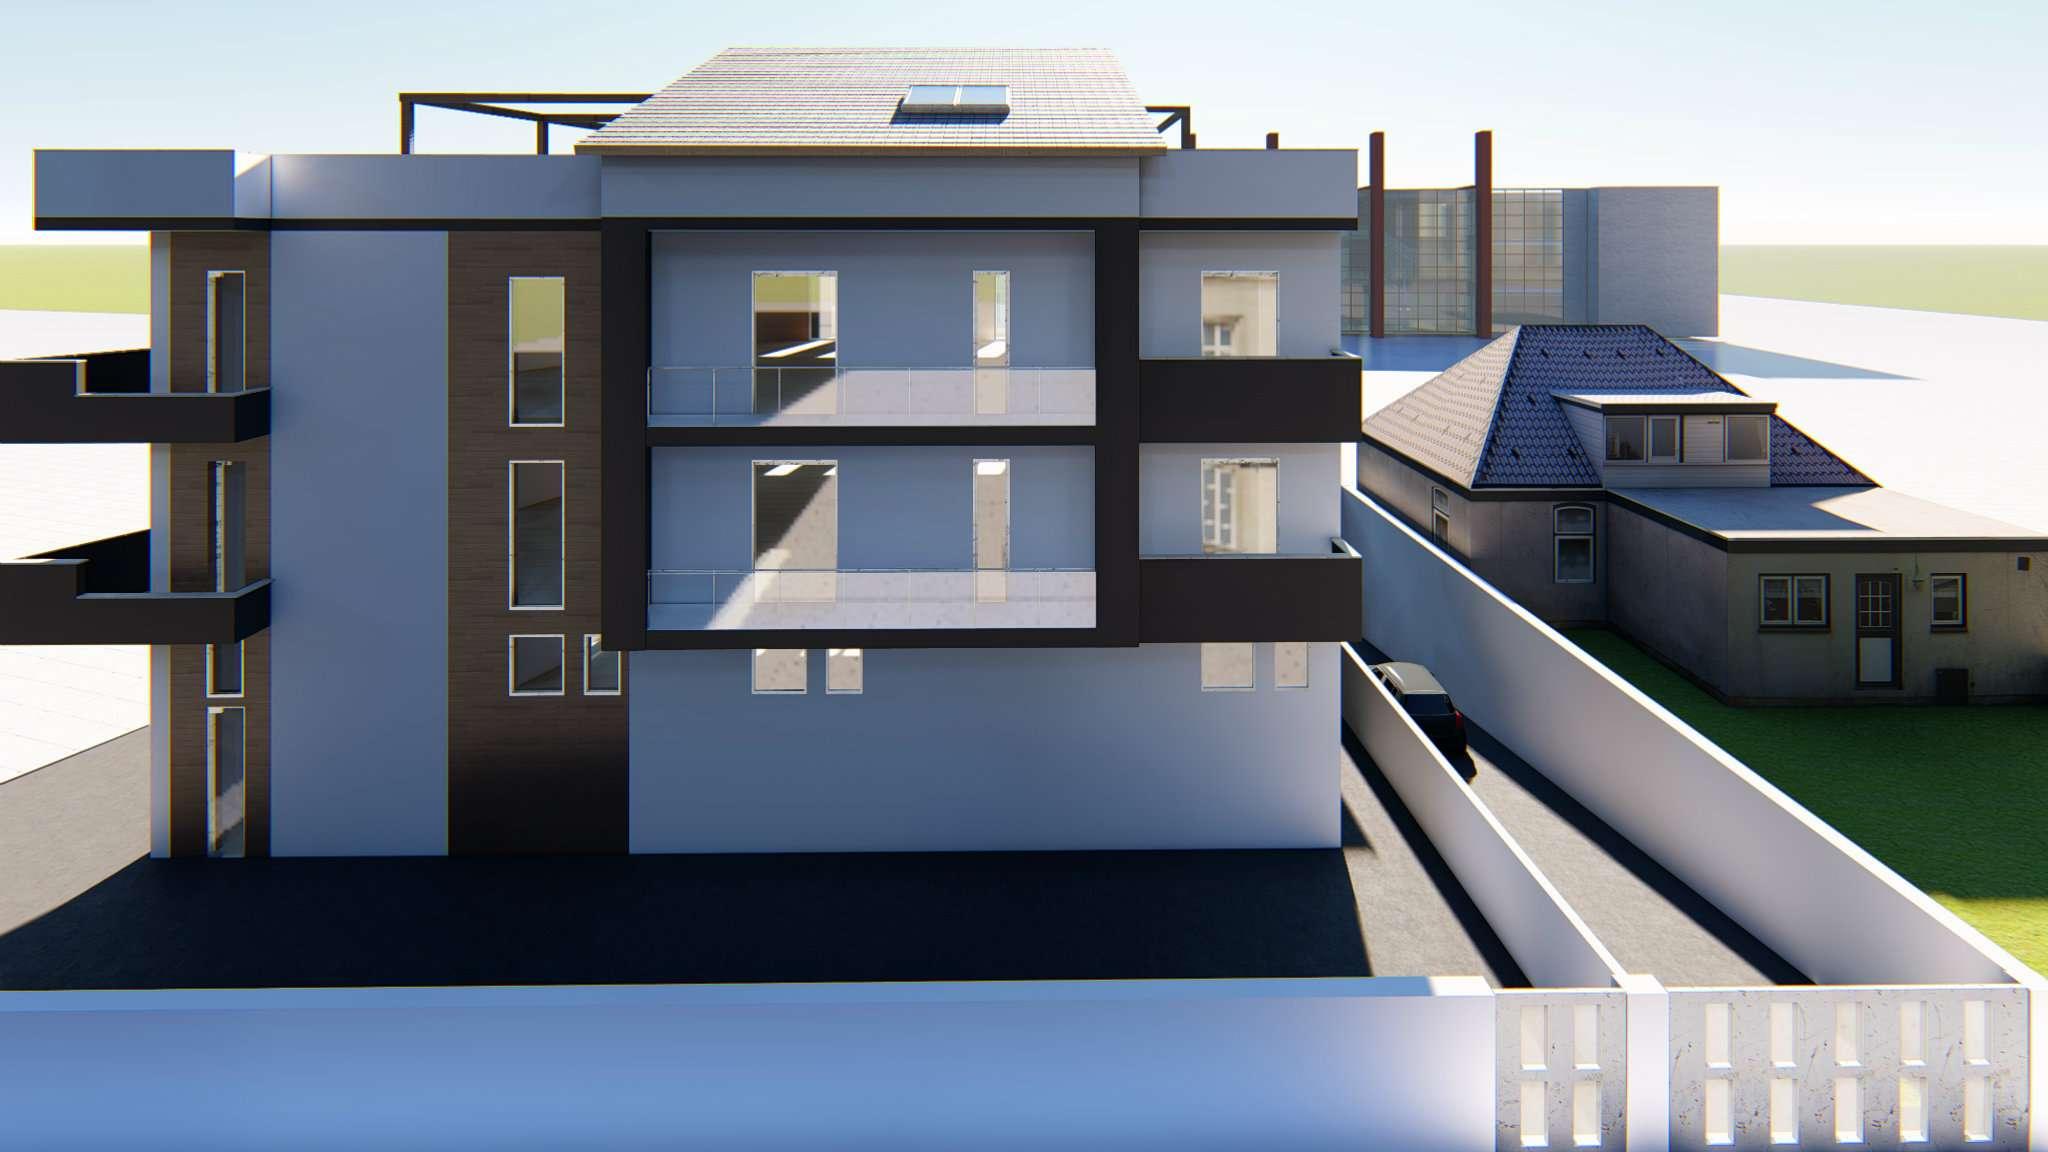 Appartamento in vendita a Giugliano in Campania, 3 locali, prezzo € 145.000 | PortaleAgenzieImmobiliari.it